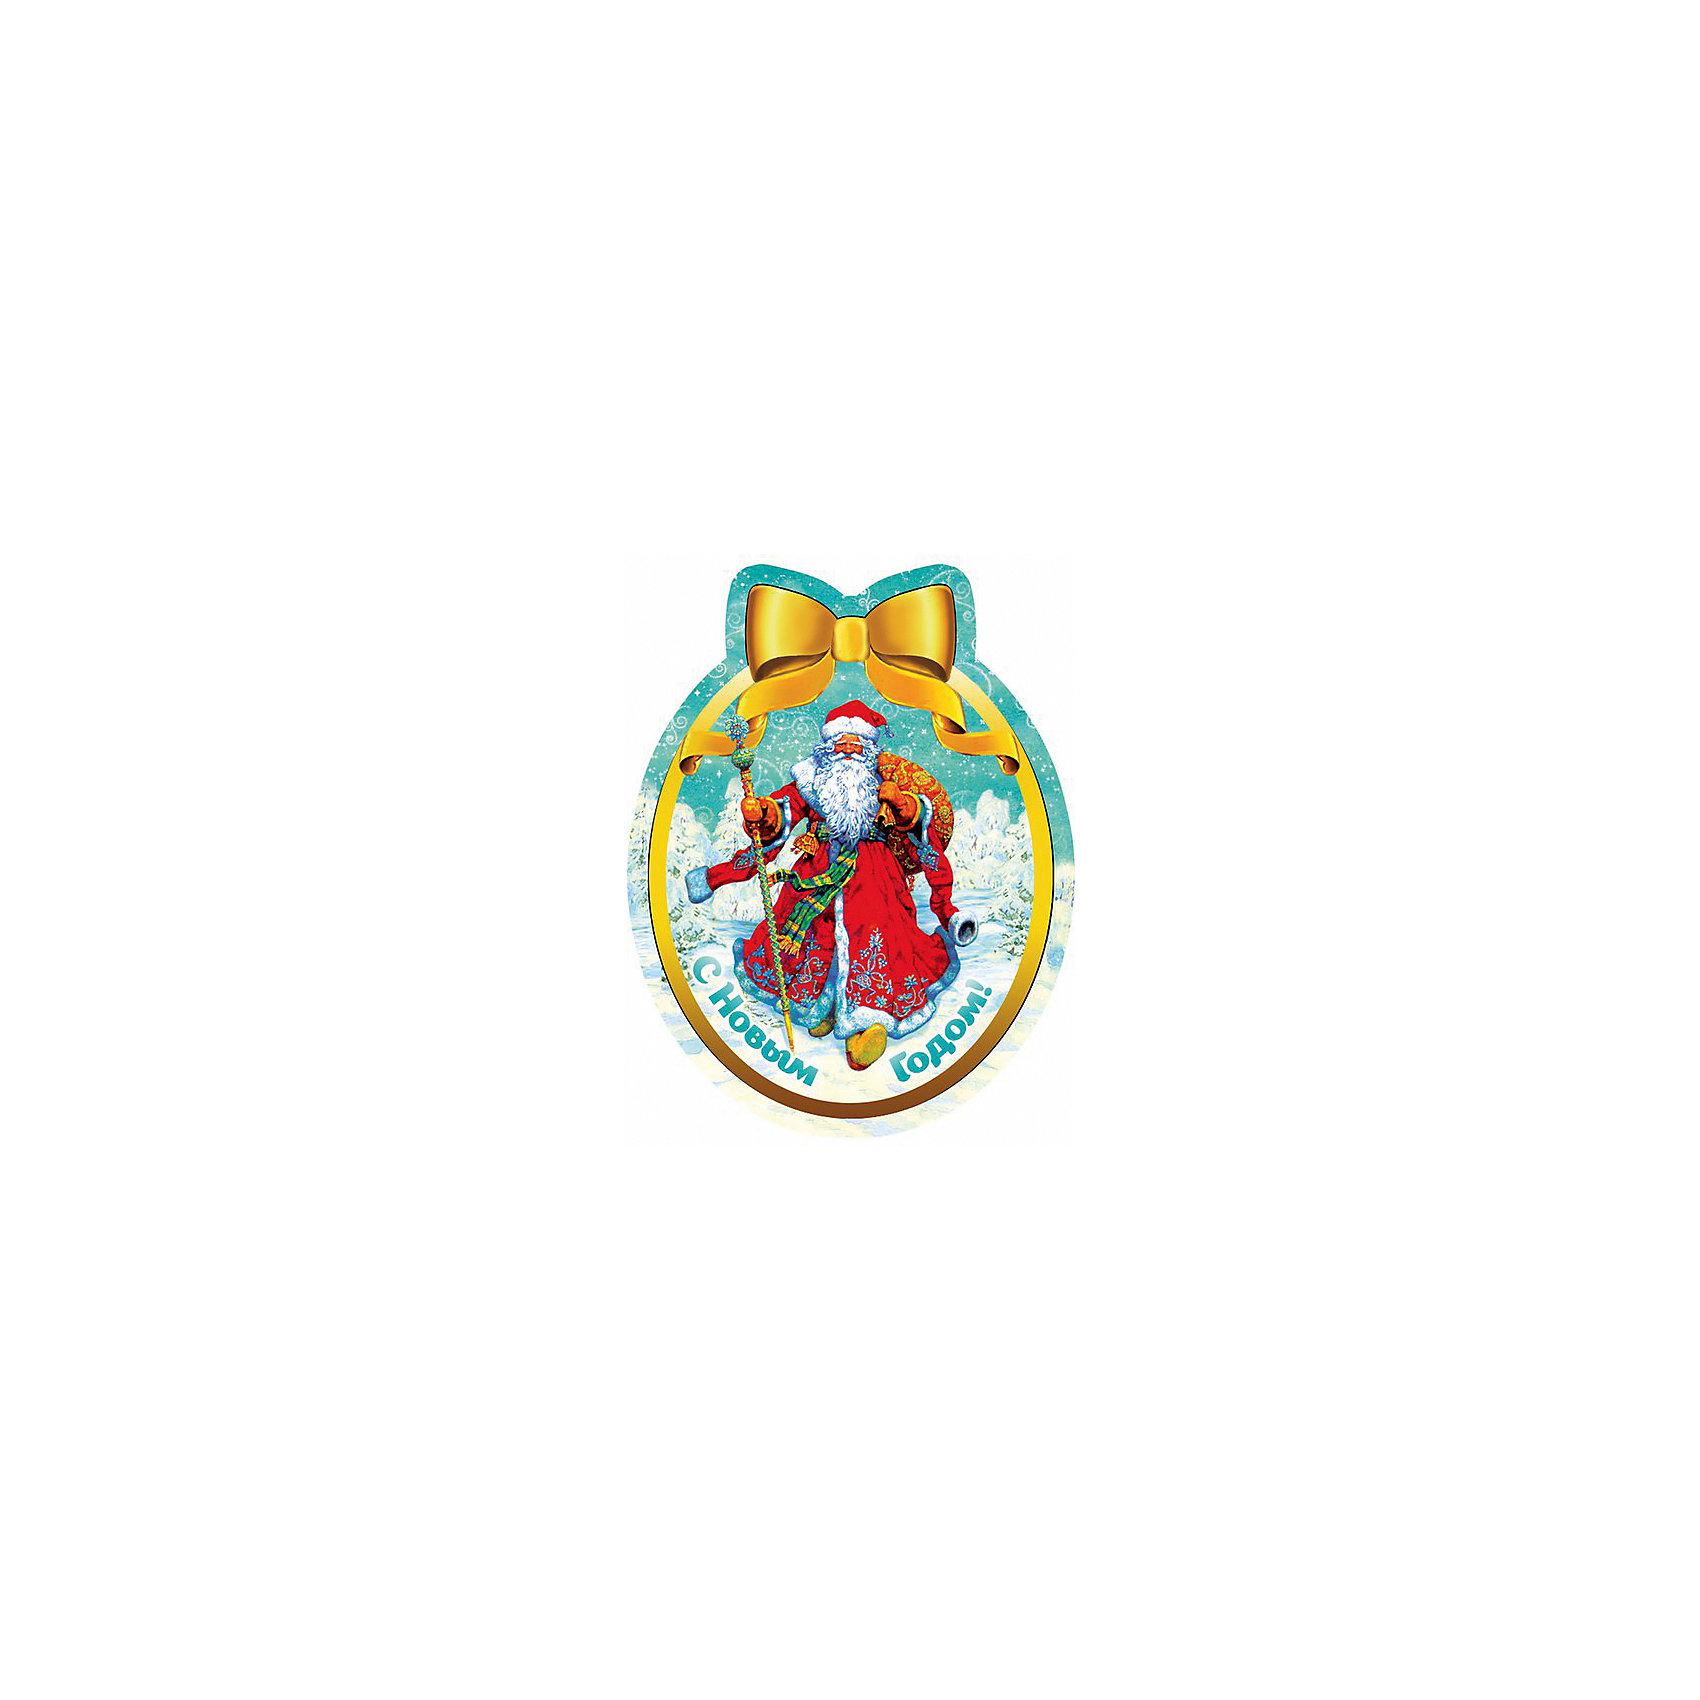 Магнит Дед Мороз в красном кафтанеВсё для праздника<br>Яркий магнит с новогодней символикой - прекрасный вариант для праздничного сувенира. Магнит можно прикрепить на любую металлическую поверхность, он всегда будет радовать, напоминая о веселом и таком долгожданном для всех празднике! <br><br>Дополнительная информация:<br><br>- Материал: агломерированный феррит. <br>- Размер: 4,6х6 см.<br>- Яркий привлекательный дизайн. <br><br>Новогодний магнит Дед Мороз в красном кафтане можно купить в нашем магазине.<br><br>Ширина мм: 100<br>Глубина мм: 100<br>Высота мм: 10<br>Вес г: 260<br>Возраст от месяцев: 36<br>Возраст до месяцев: 2147483647<br>Пол: Унисекс<br>Возраст: Детский<br>SKU: 4981314